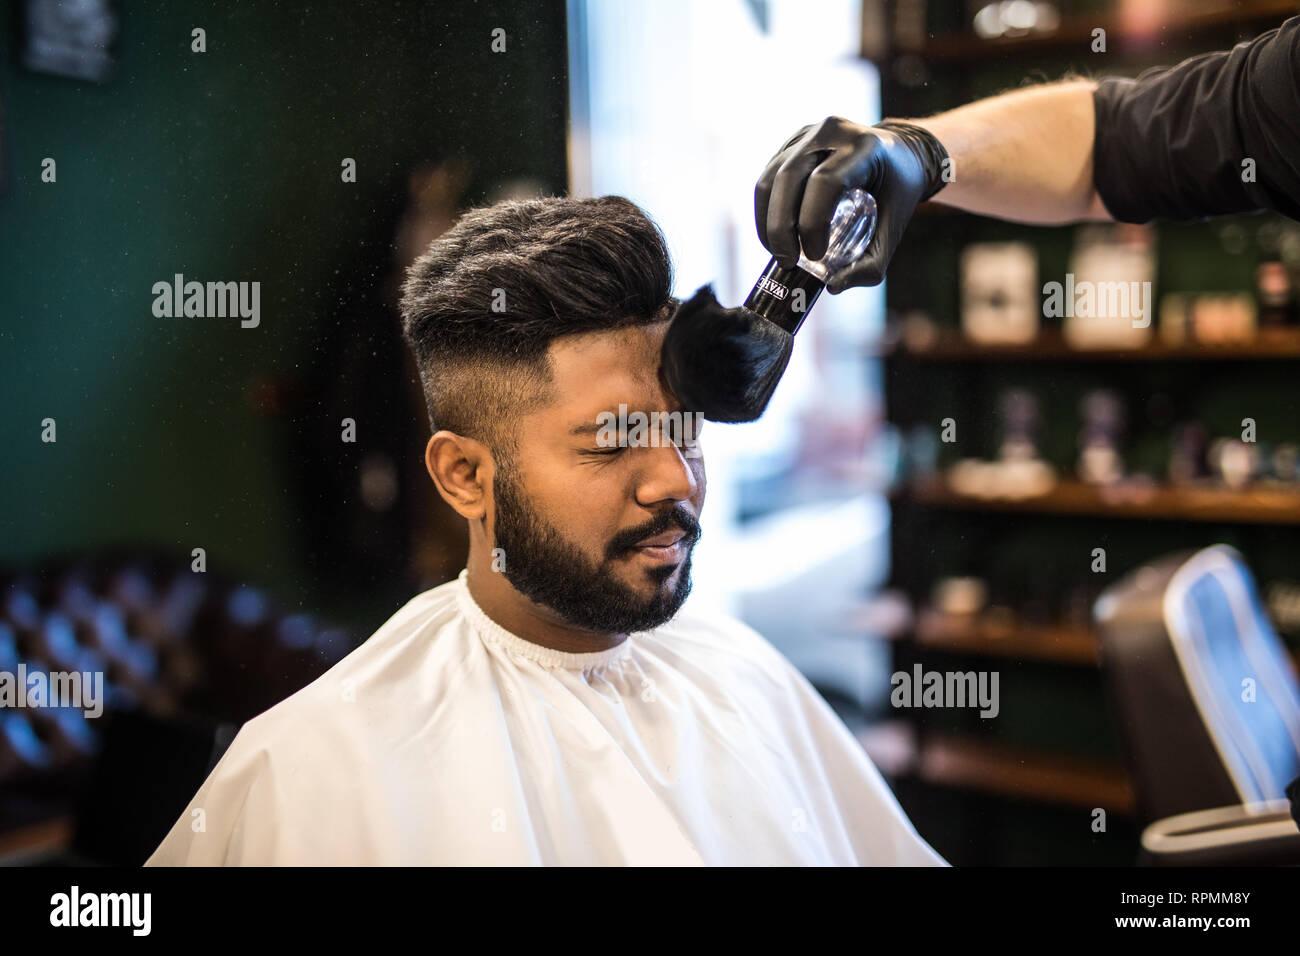 Barbieri mano diffusione di polvere di talco sui client il collo con professional Pennelli per barba in Barberia salon.maschio trattamento di bellezza concetto.giovane uomo nero ge Foto Stock